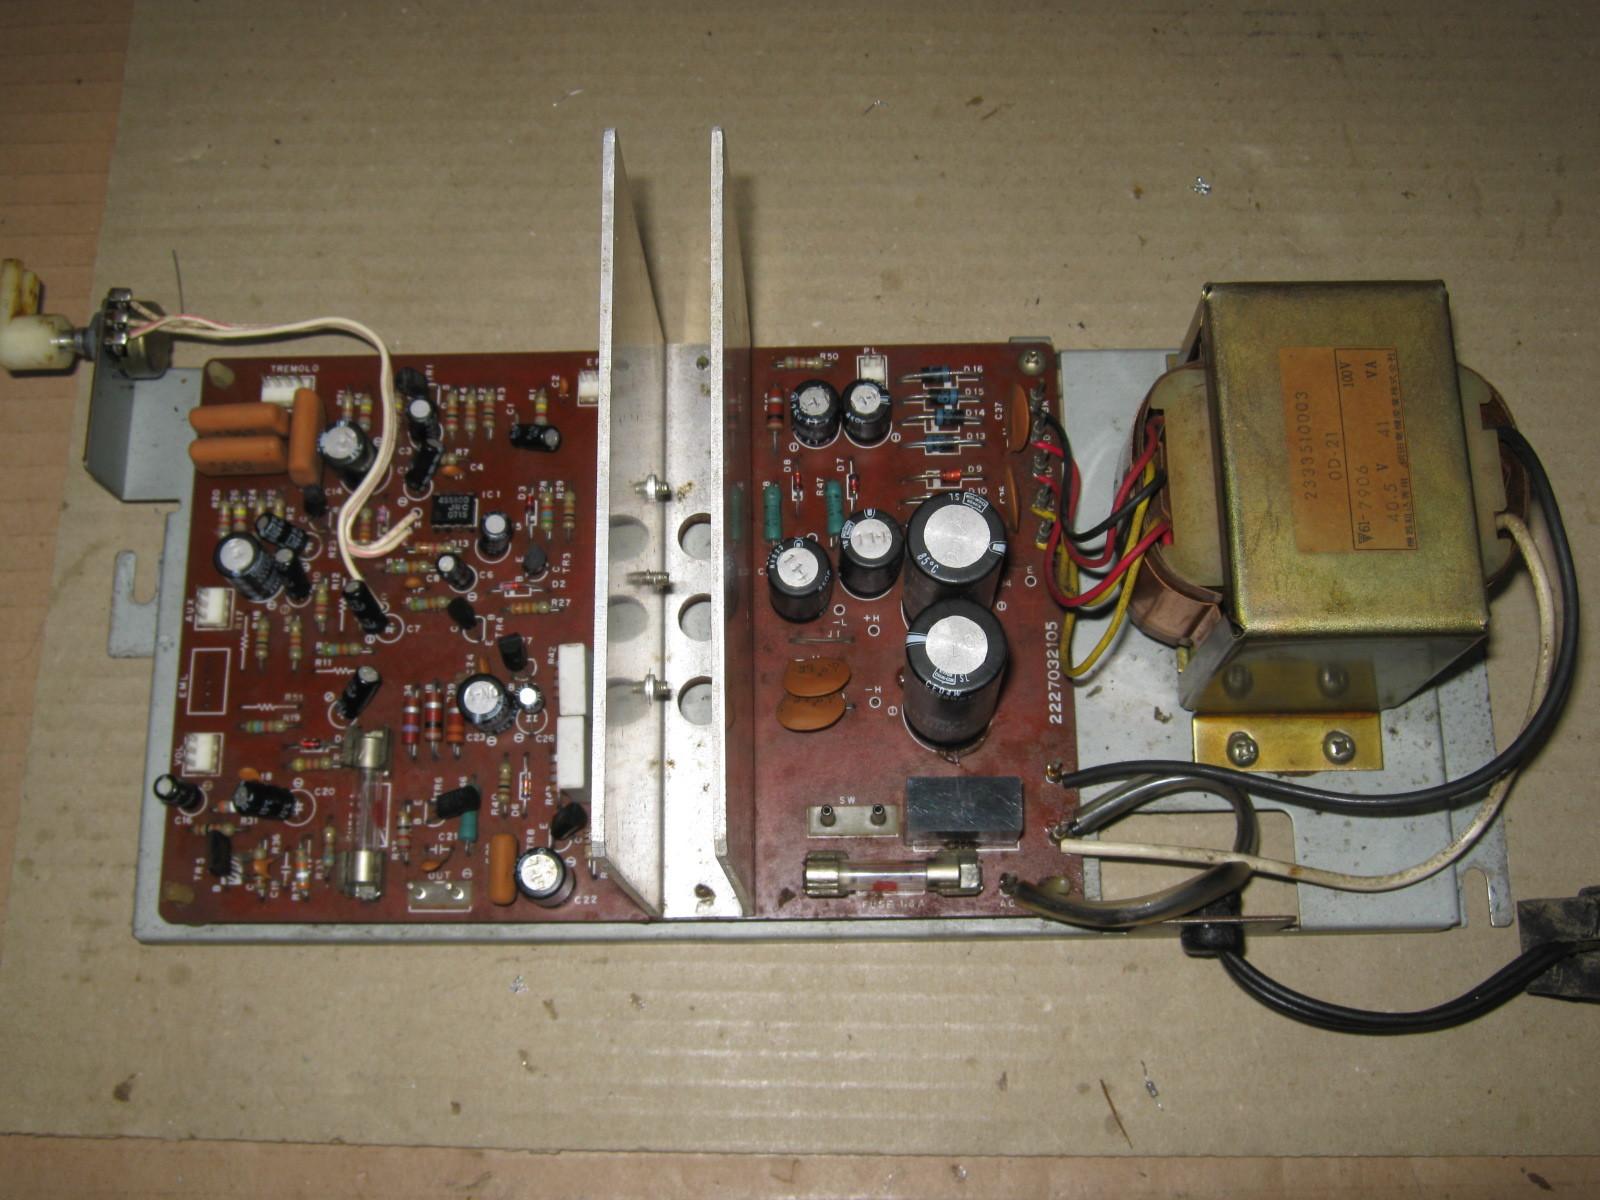 COLUMBIA電気ピアノ(抵抗不良)基板全体